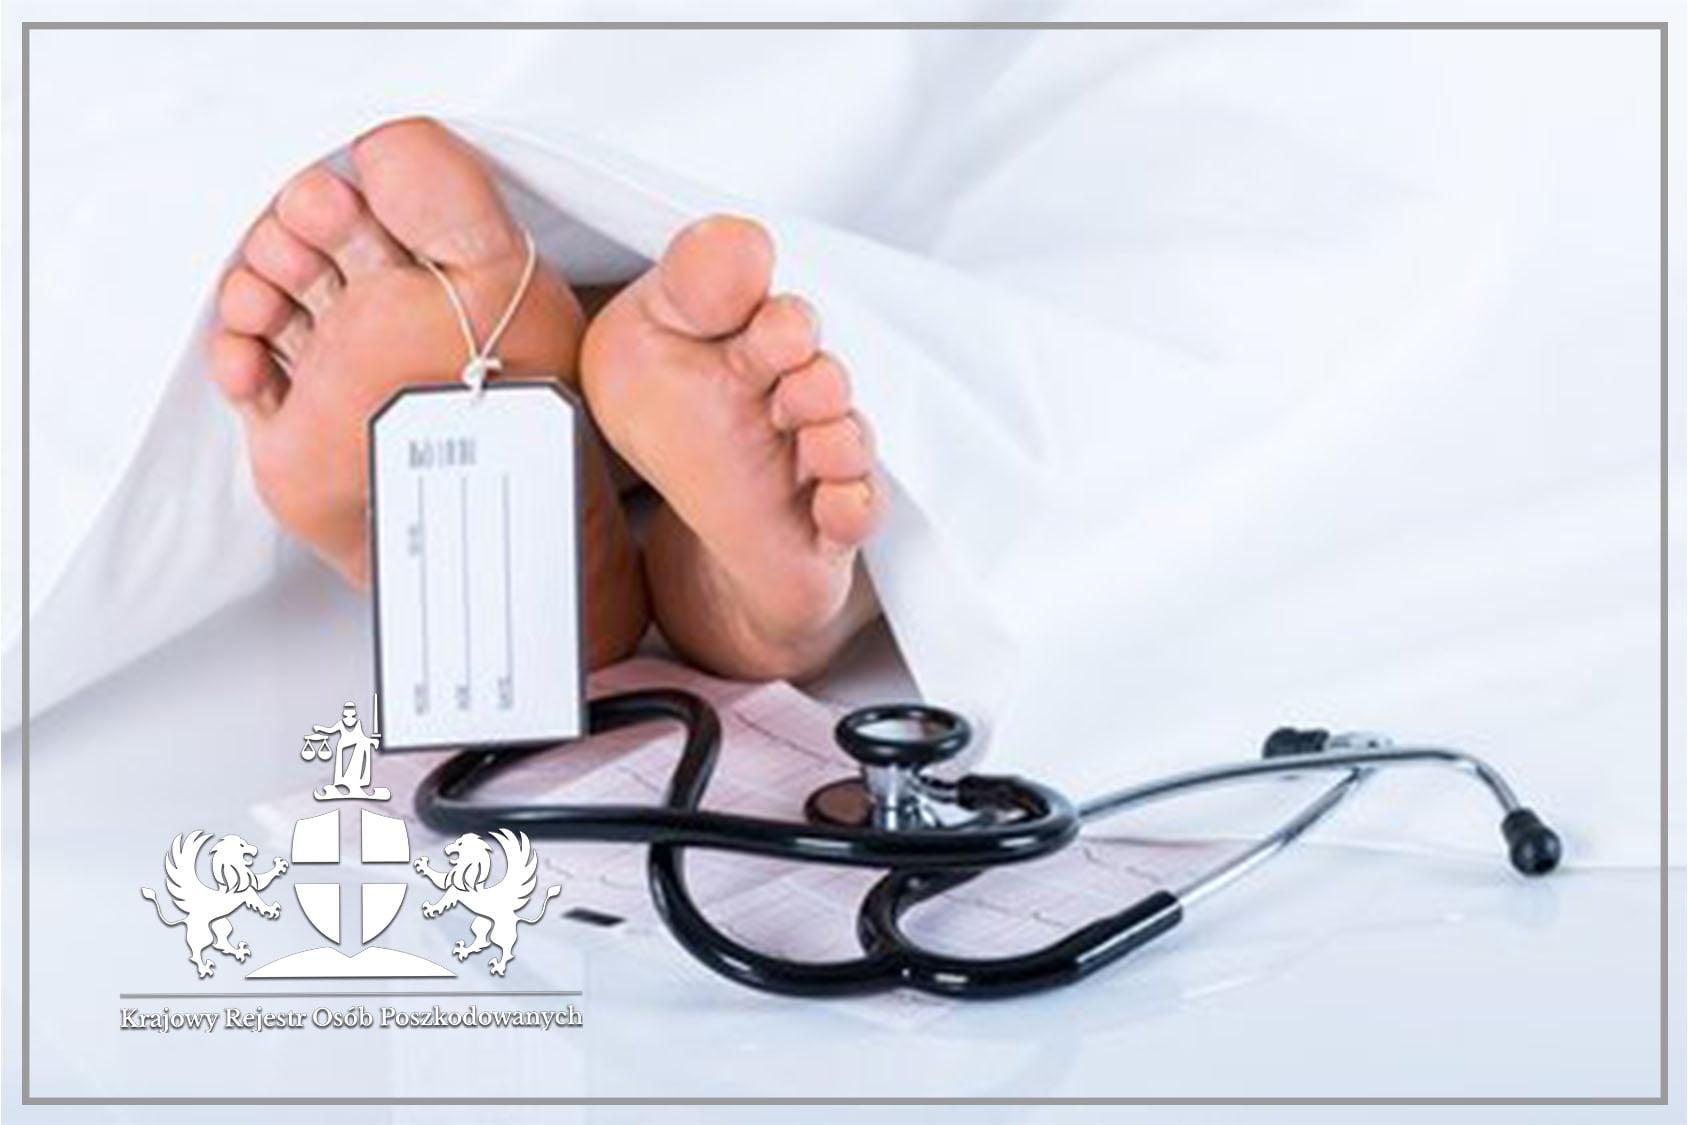 Śmierć pacjenta jako następstwo spowodowania ciężkiego uszczerbku na zdrowiu z art. 156 § 3 k.k.